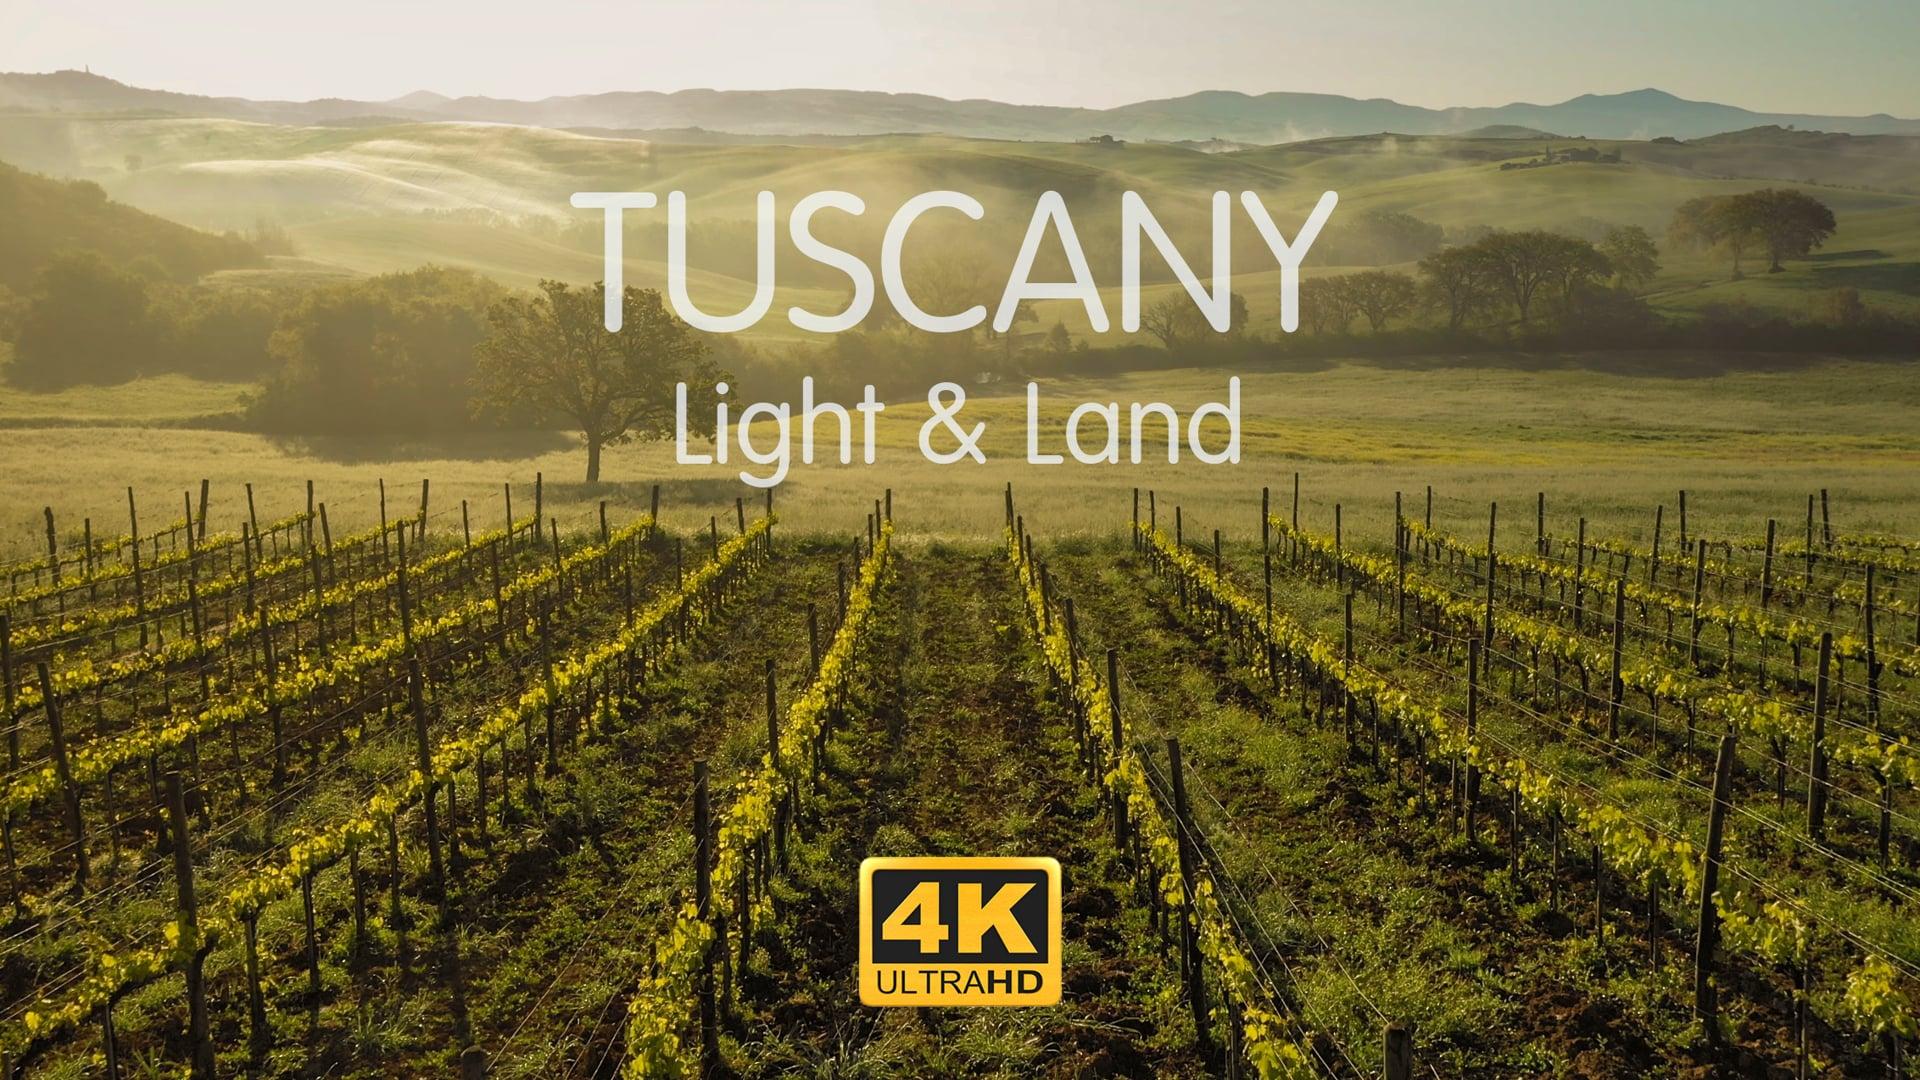 TUSCANY. Light & Land